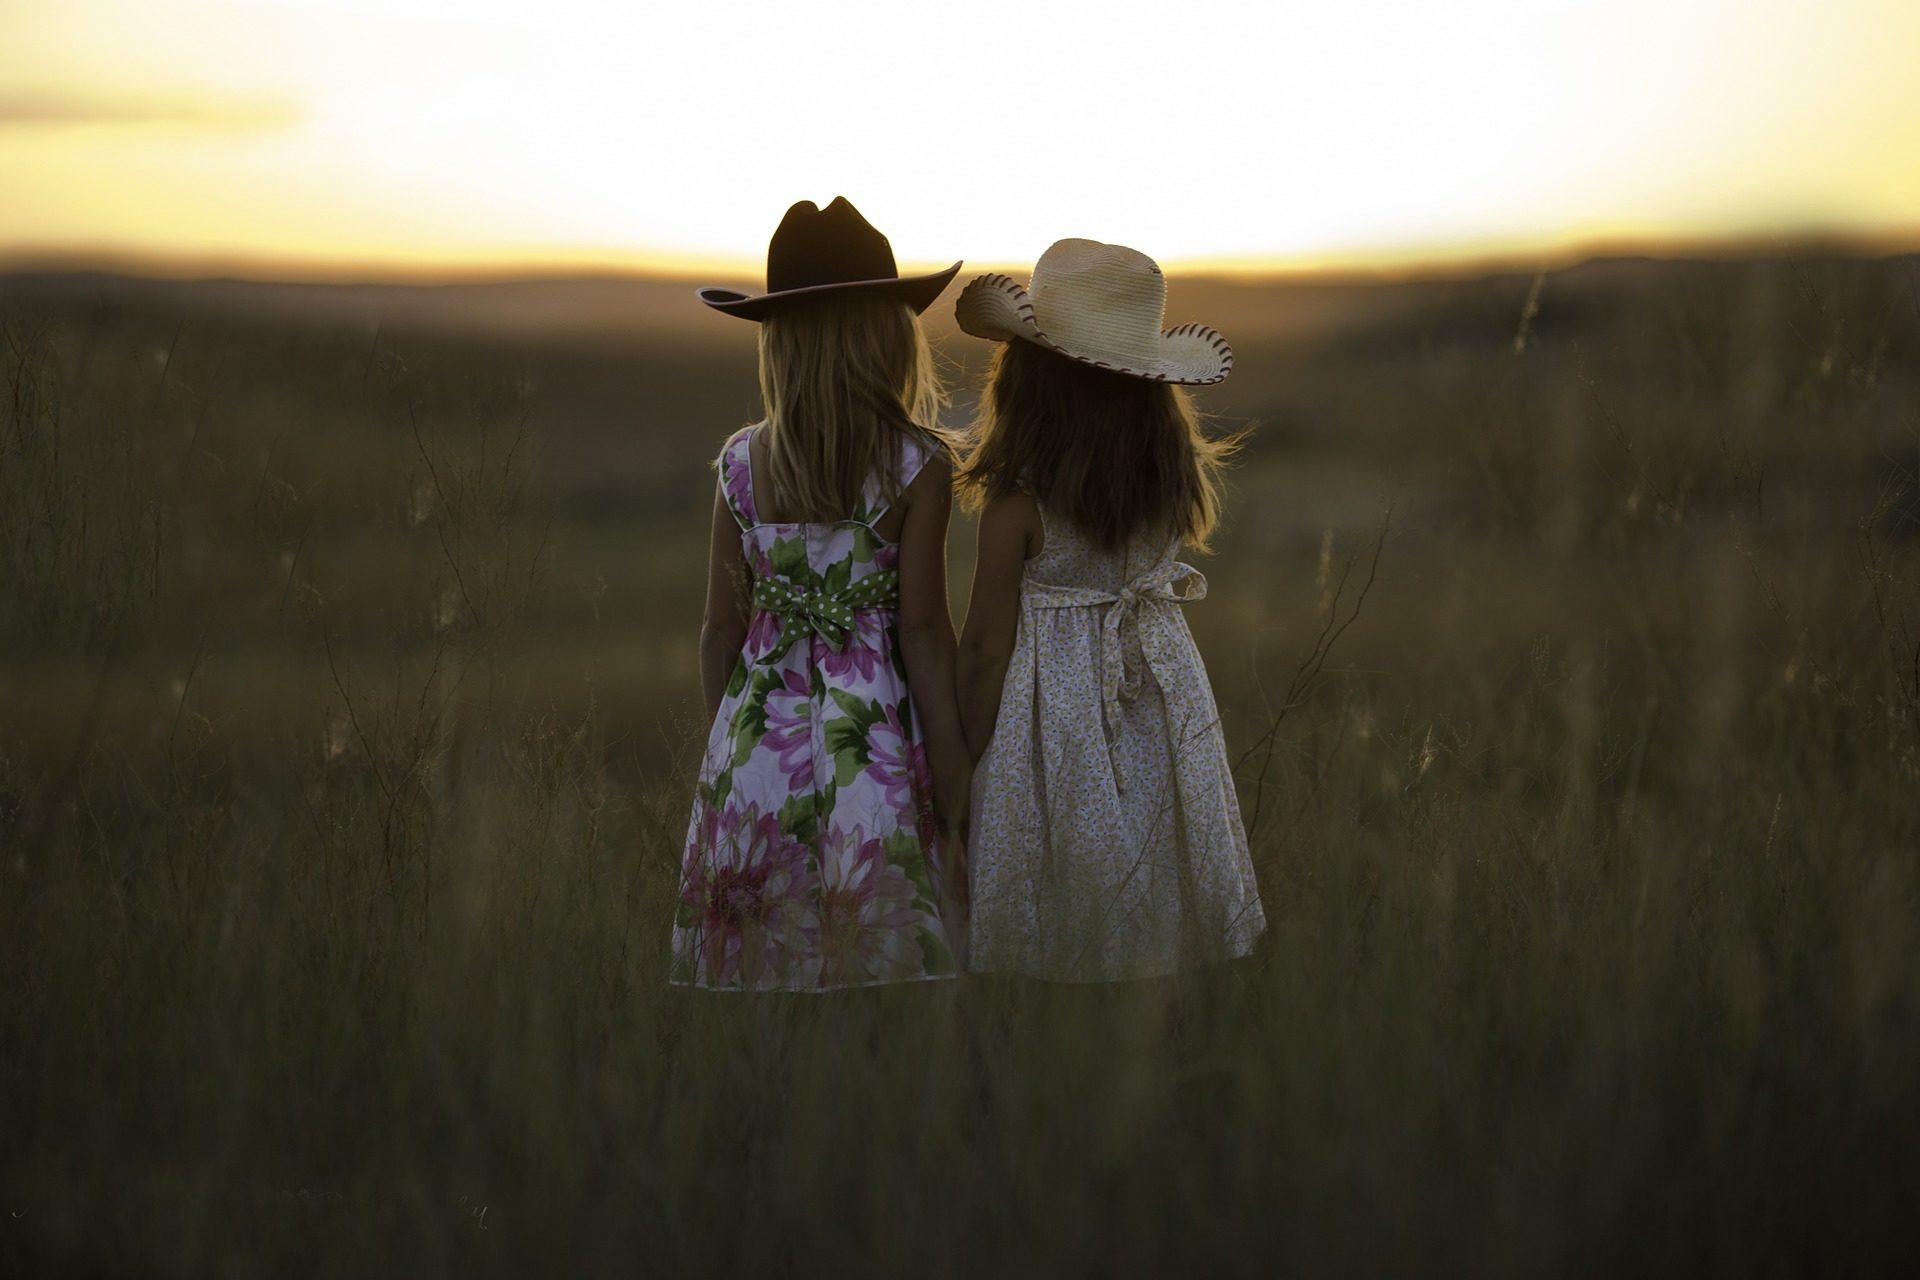 domaine, PRADO, Coucher de soleil, jeunes filles, petite enfance, chapeaux, Sœurs - Fonds d'écran HD - Professor-falken.com